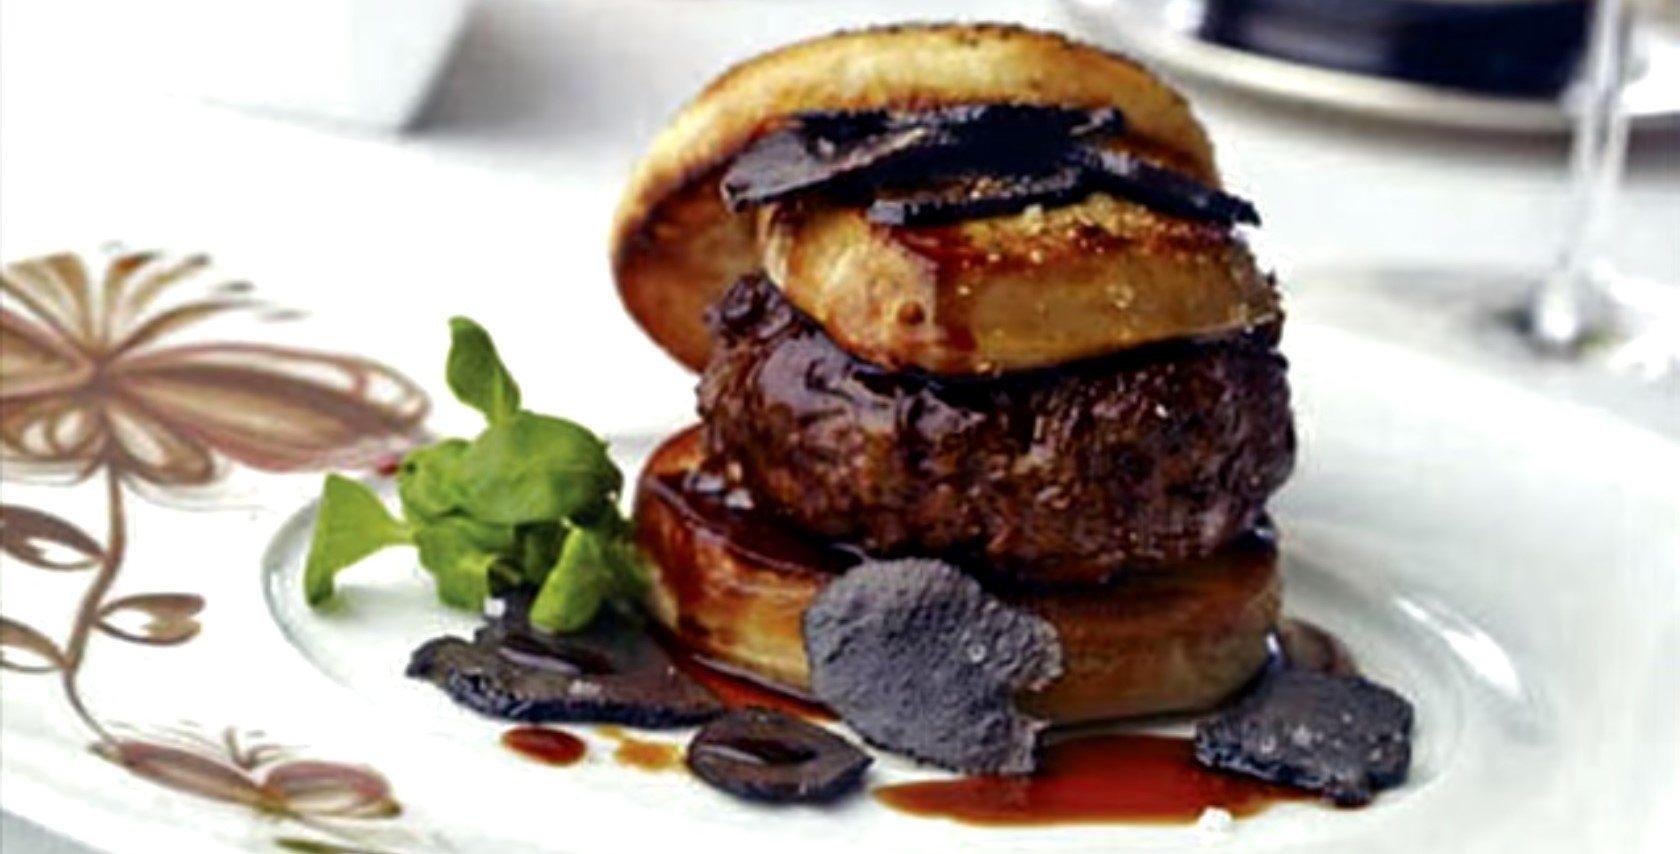 Αυτά είναι τα 5 πιο ακριβά φαγητά στον κόσμο (video) - e-thessalia.gr 78a3e061255